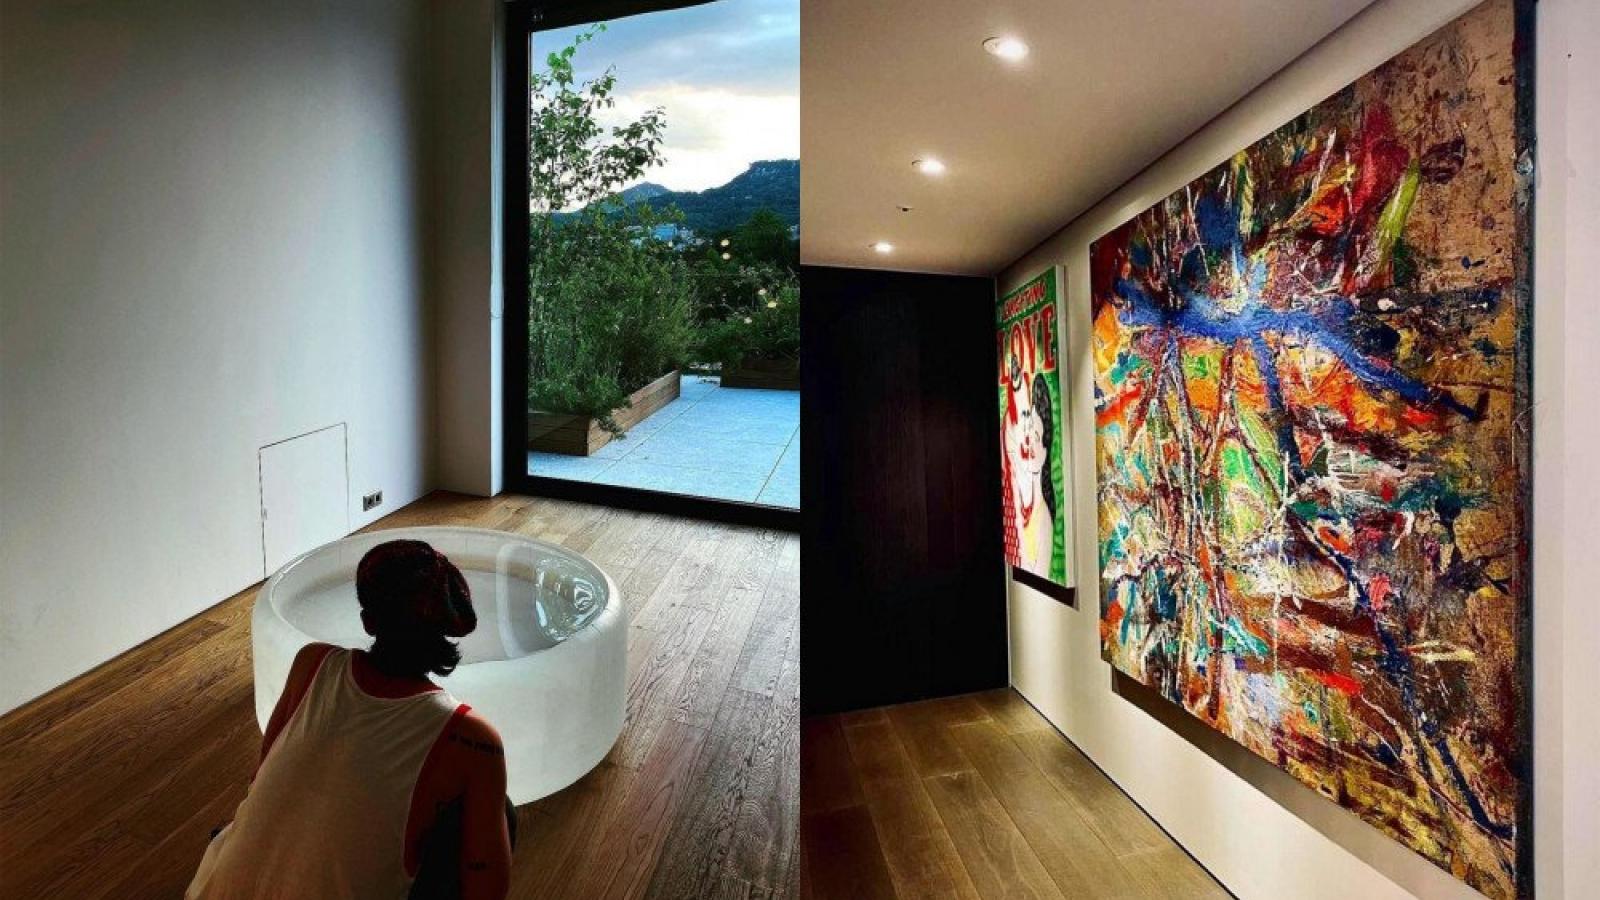 Hé lộ không gian nghệ thuật đắt đỏ trong căn hộ 170 tỷ đồng của G-Dragon